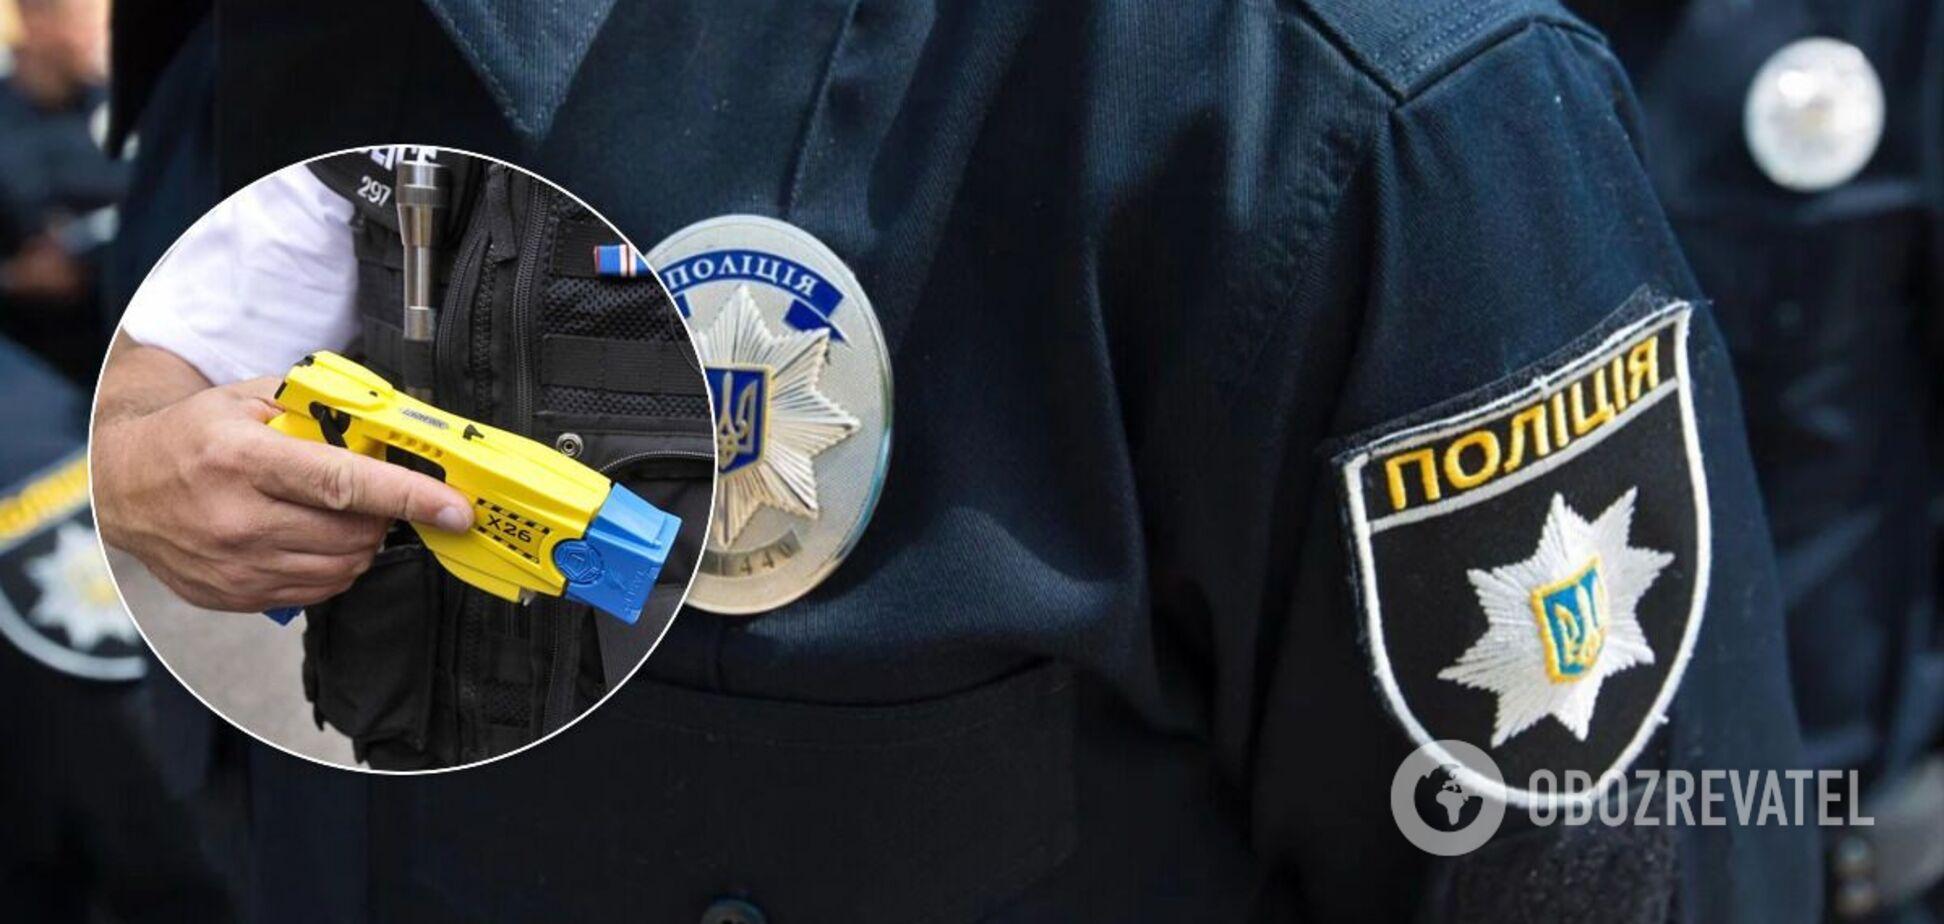 Украинская полиция начала испытания электрошокеров для борьбы с преступниками. Видео